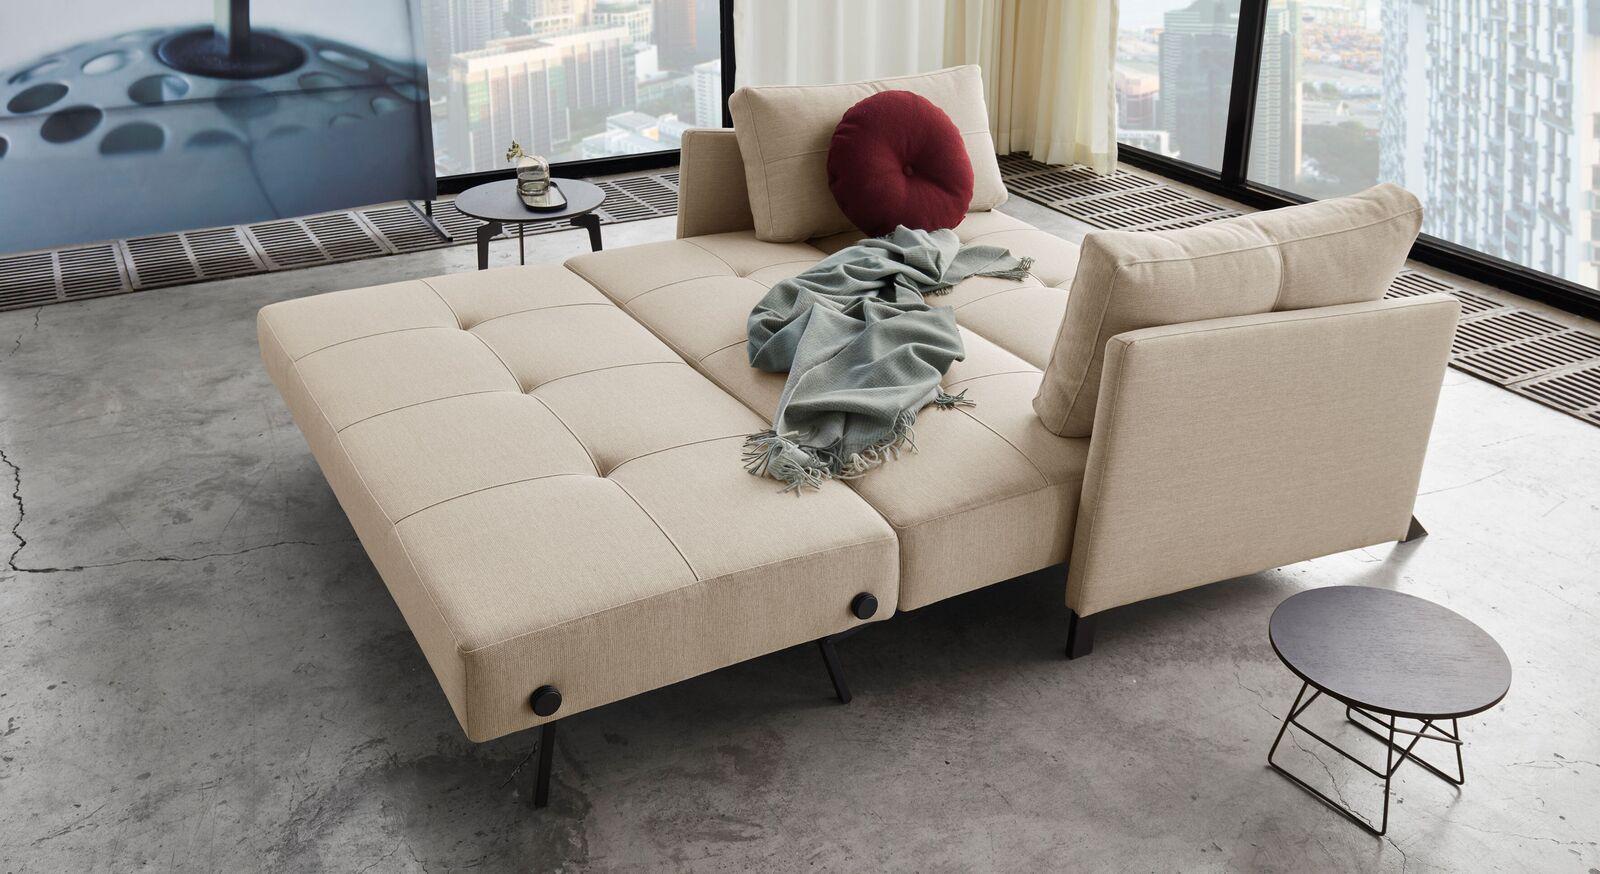 Modernes Schlafsofa Kuda mit großer Liegefläche